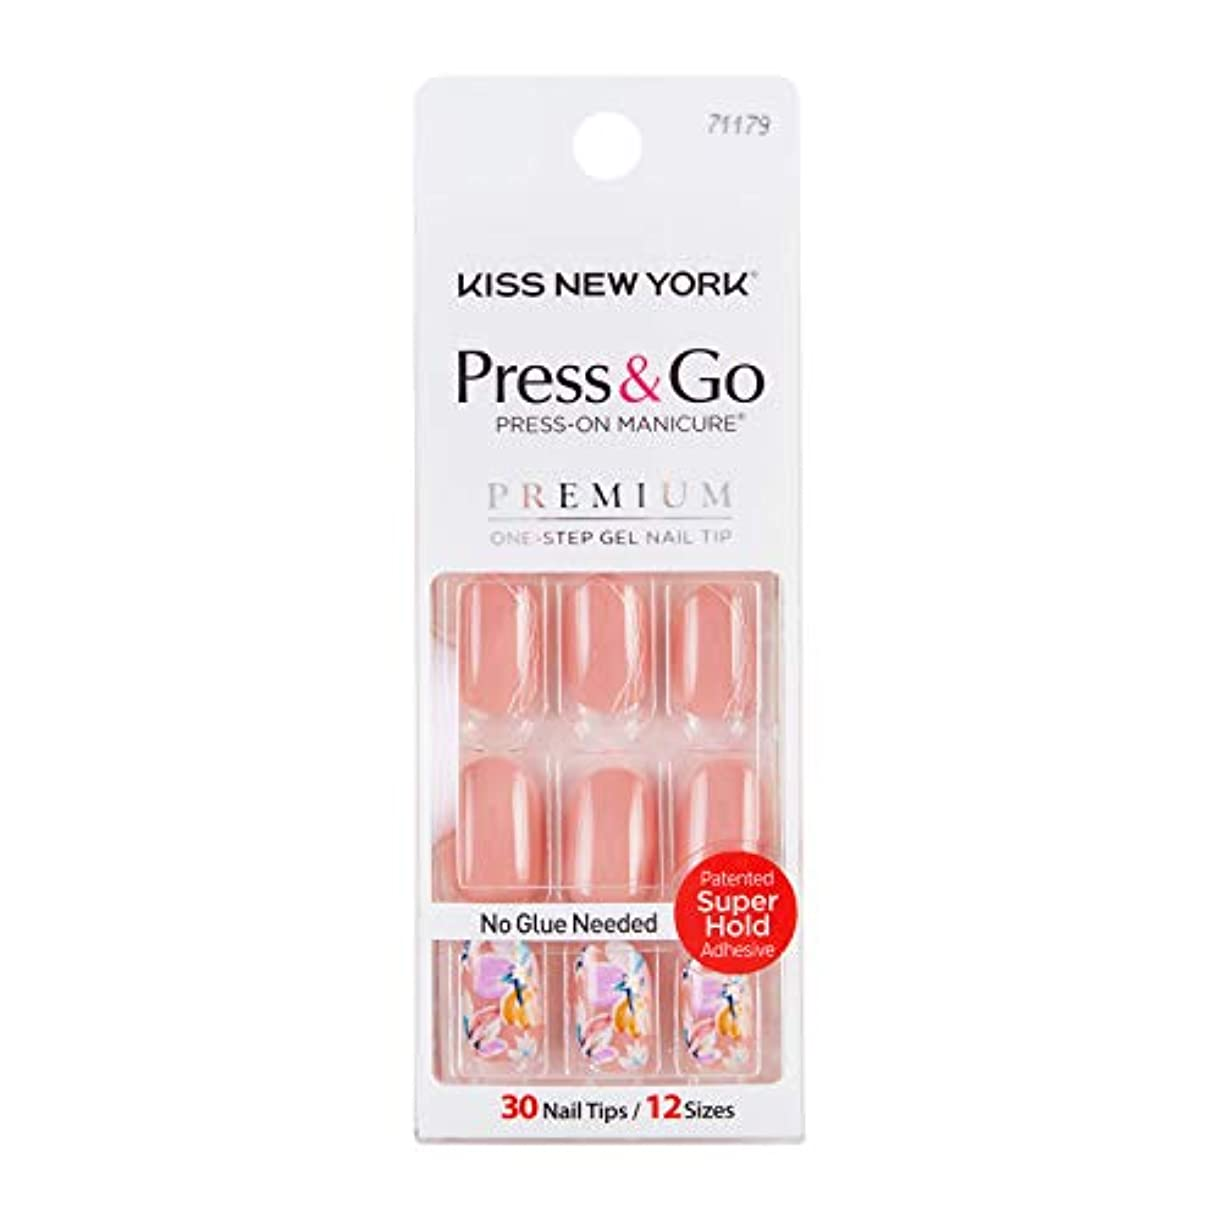 信仰ずっとパシフィックキスニューヨーク (KISS NEW YORK) KISS NEWYORK ネイルチップPress&Go BHJ27J 19g